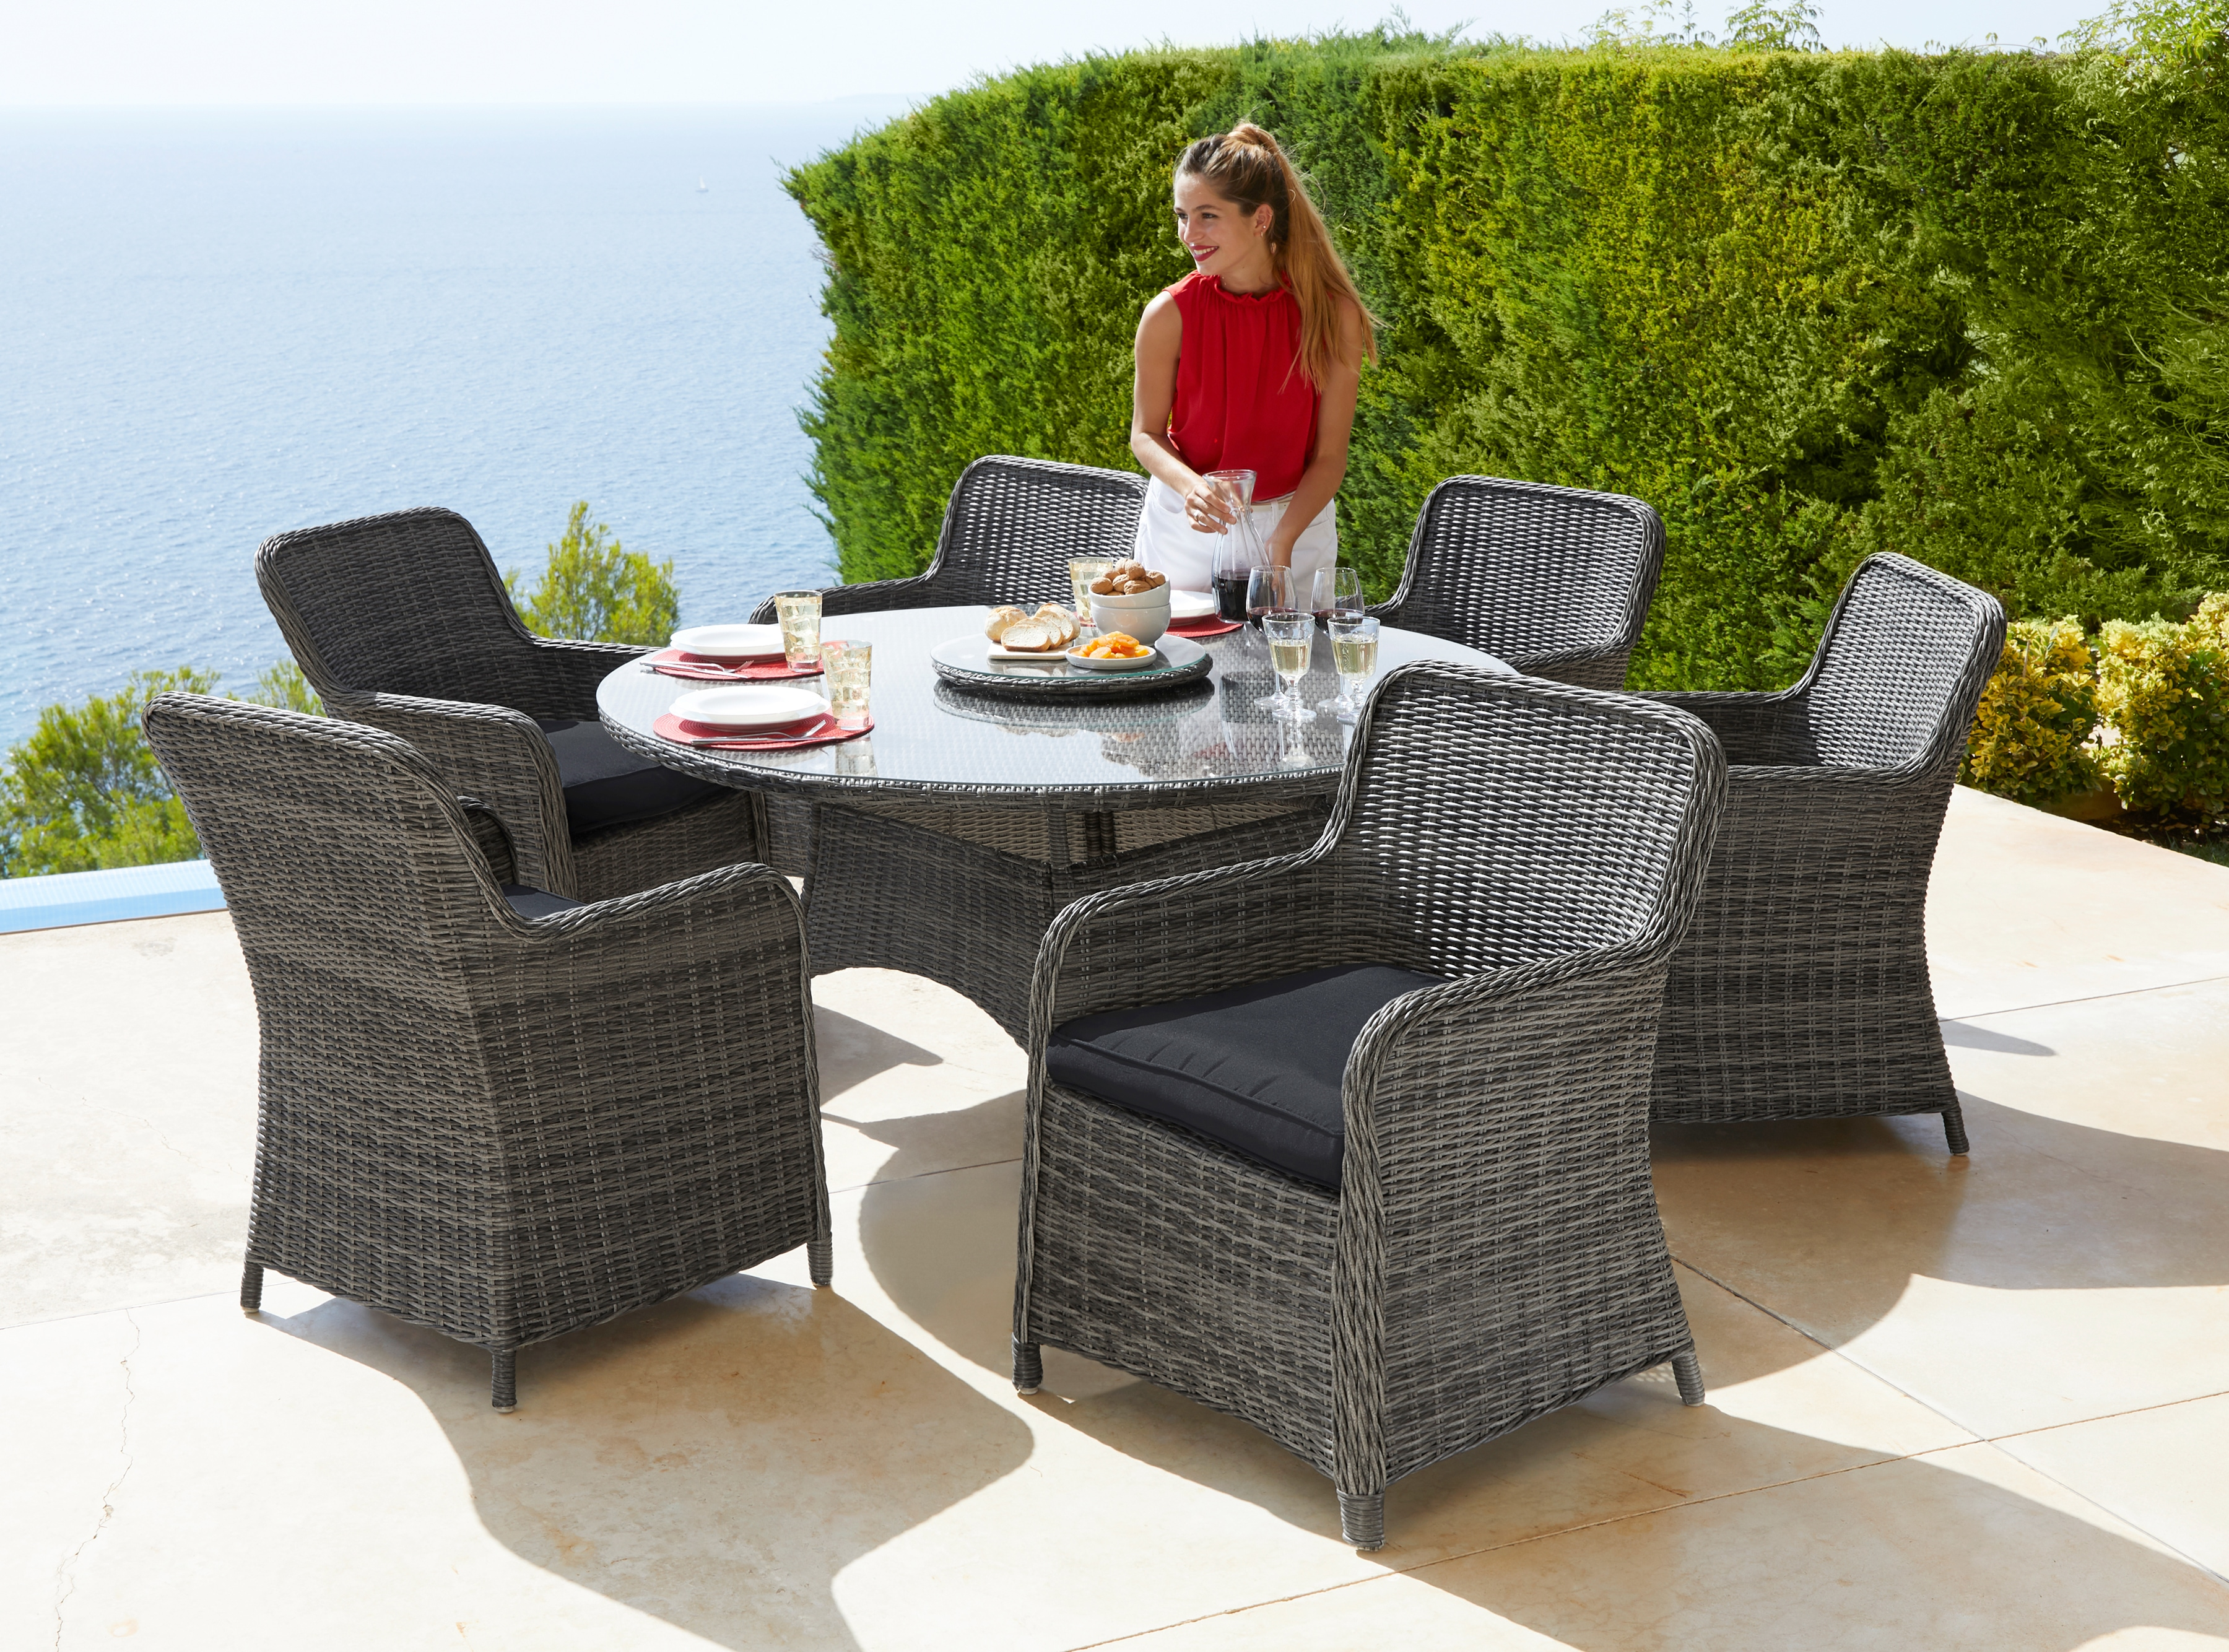 KONIFERA Gartenmöbelset Florenz 13-tlg 6 Stühle Tisch Ø 150 cm Polyrattan